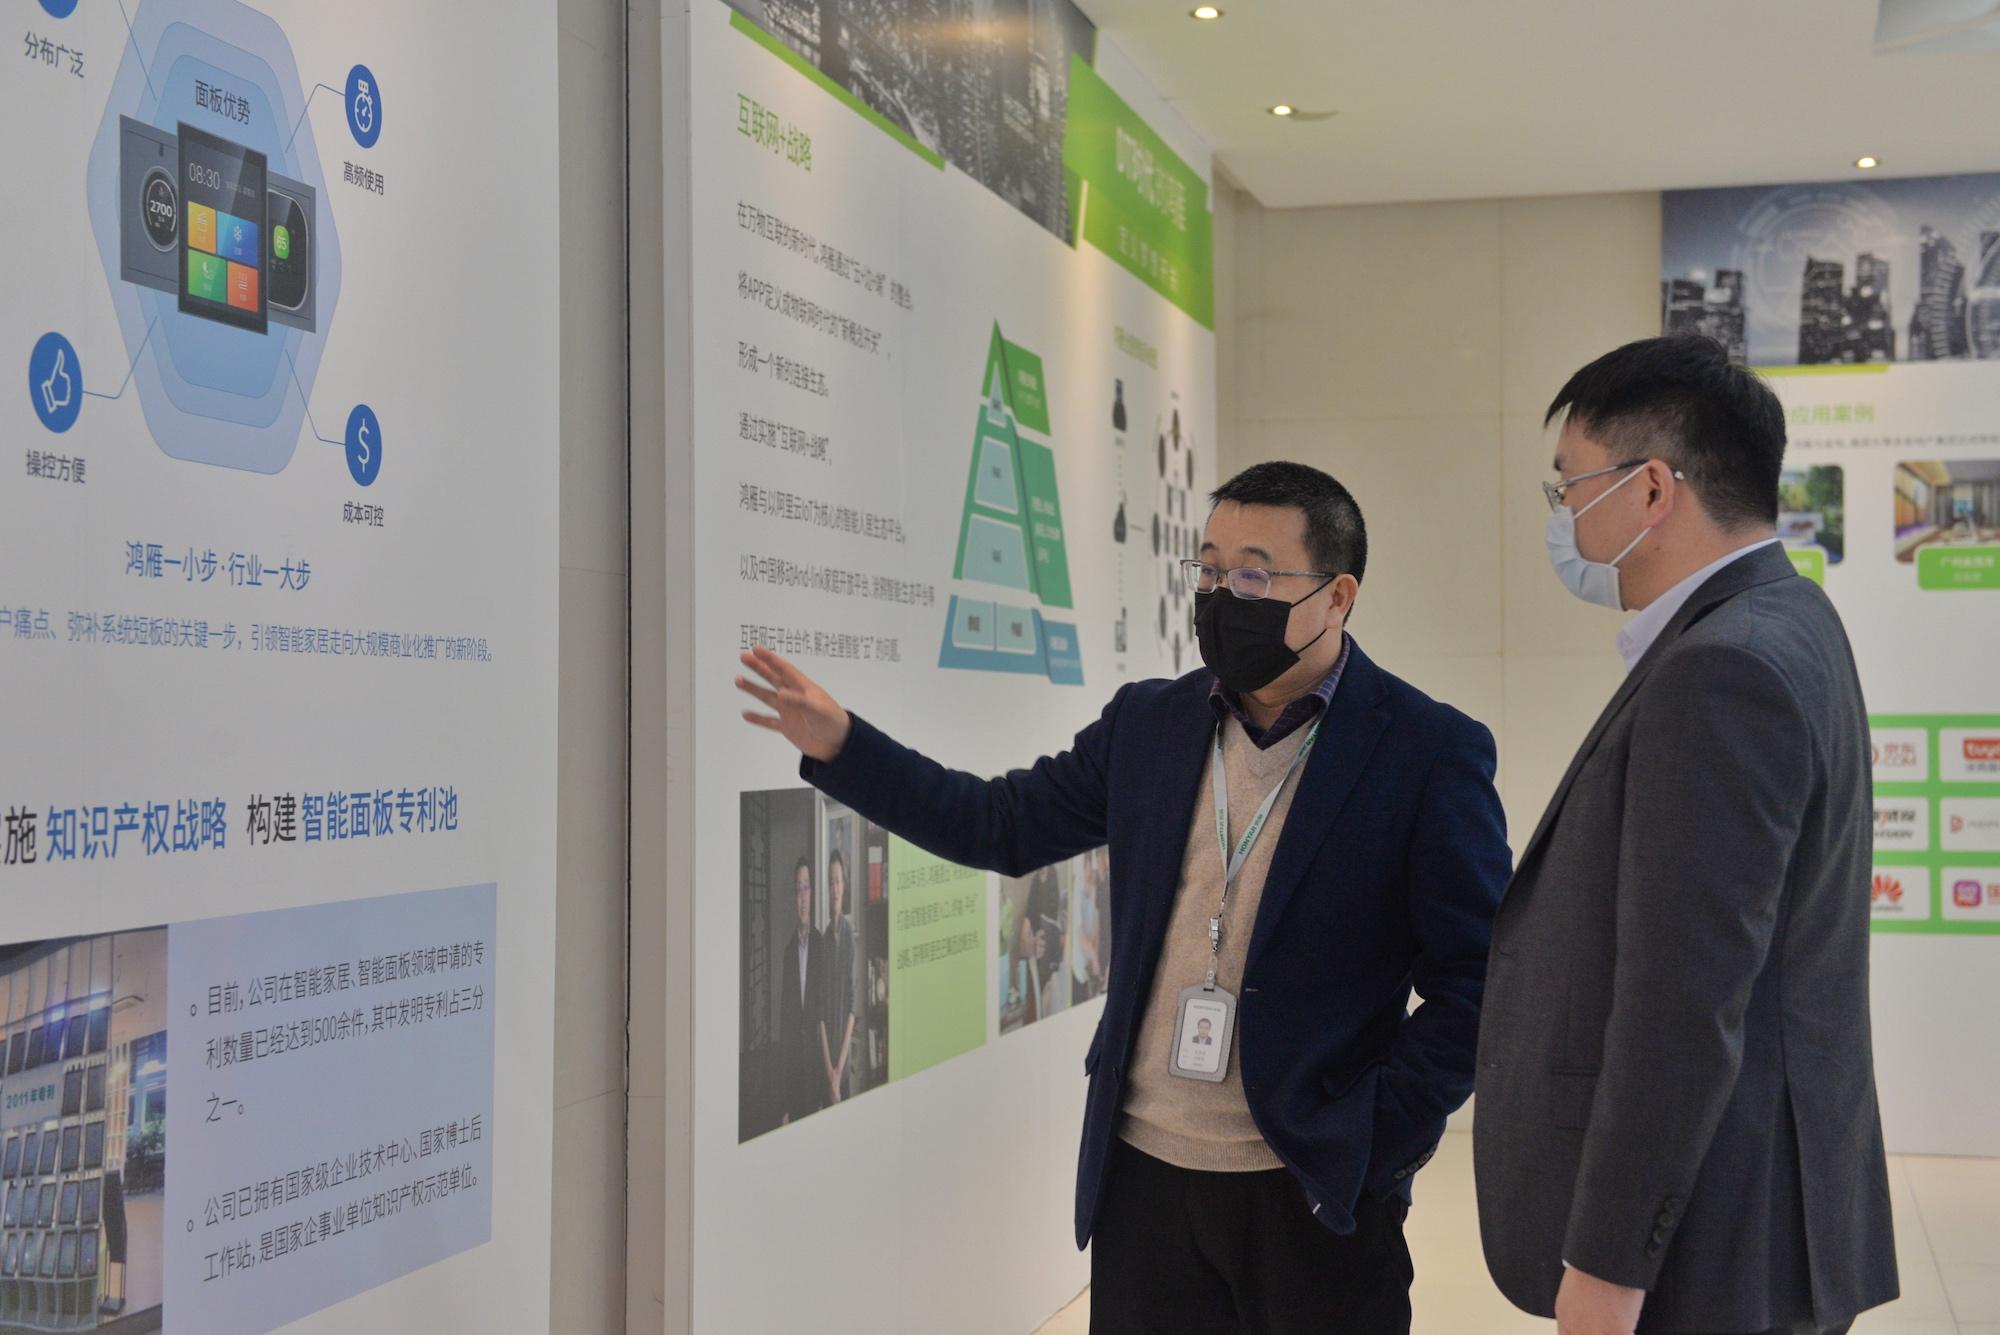 蓝绿双城与鸿雁电器达成智慧生活体系战略合作